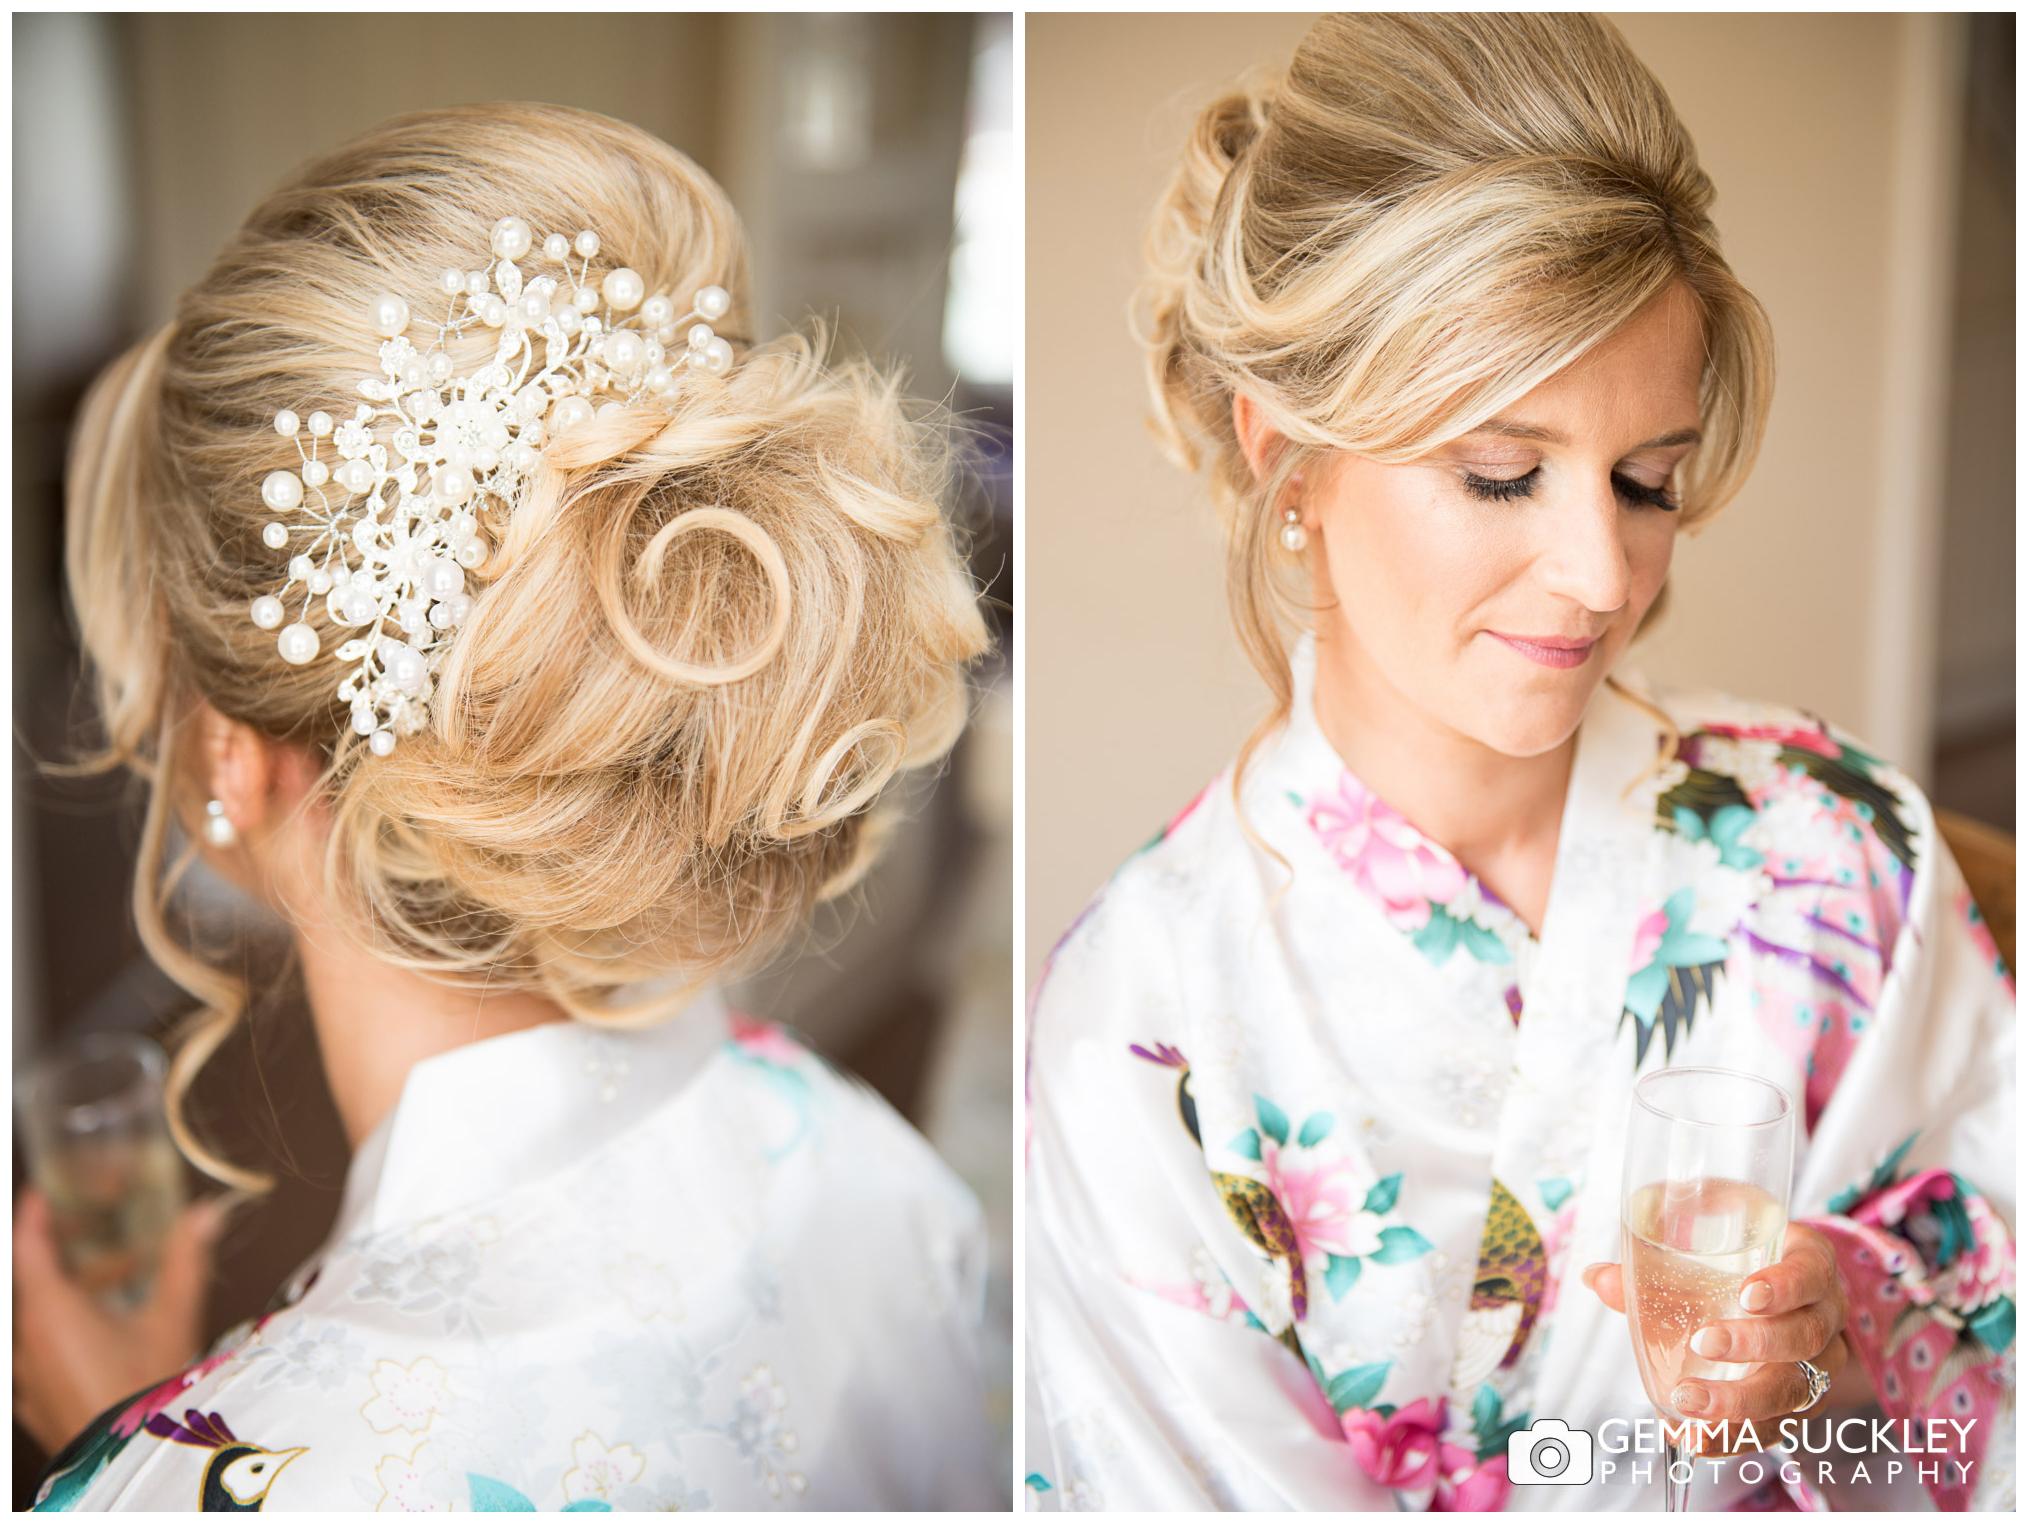 wedding photography of bridal hair and make-up